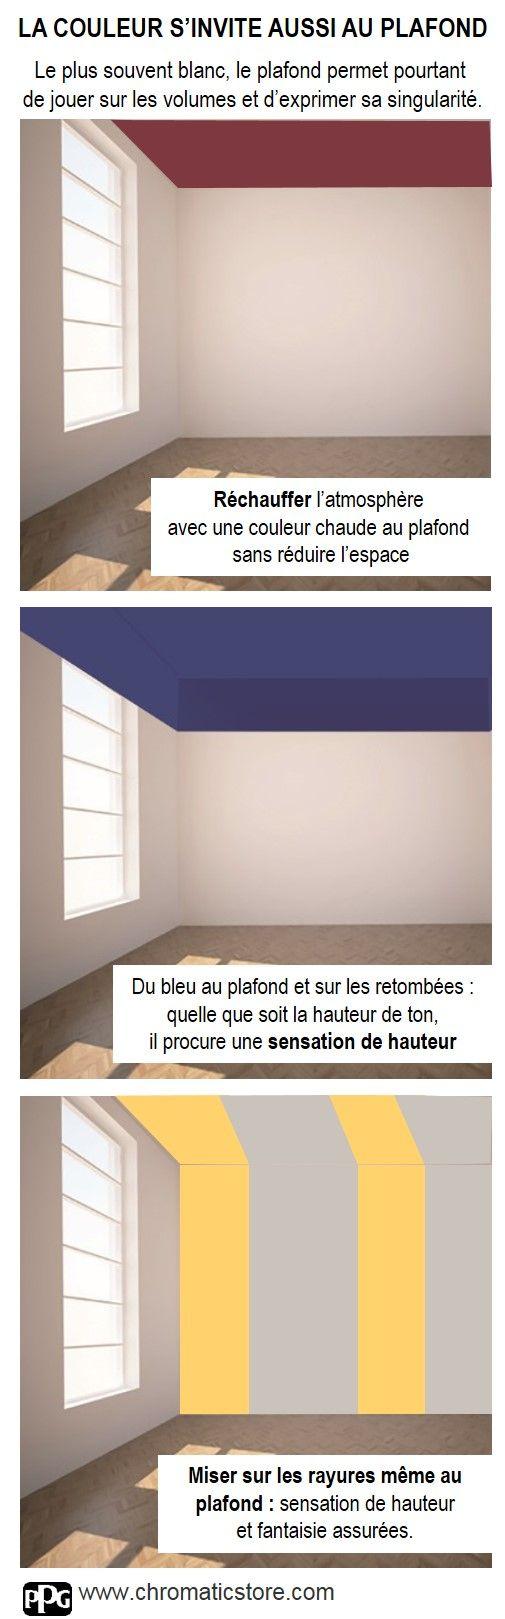 Le plus souvent blanc, le #plafond permet pourtant de jouer sur les volumes et d'exprimer sa singularité. www.chromaticstore.com